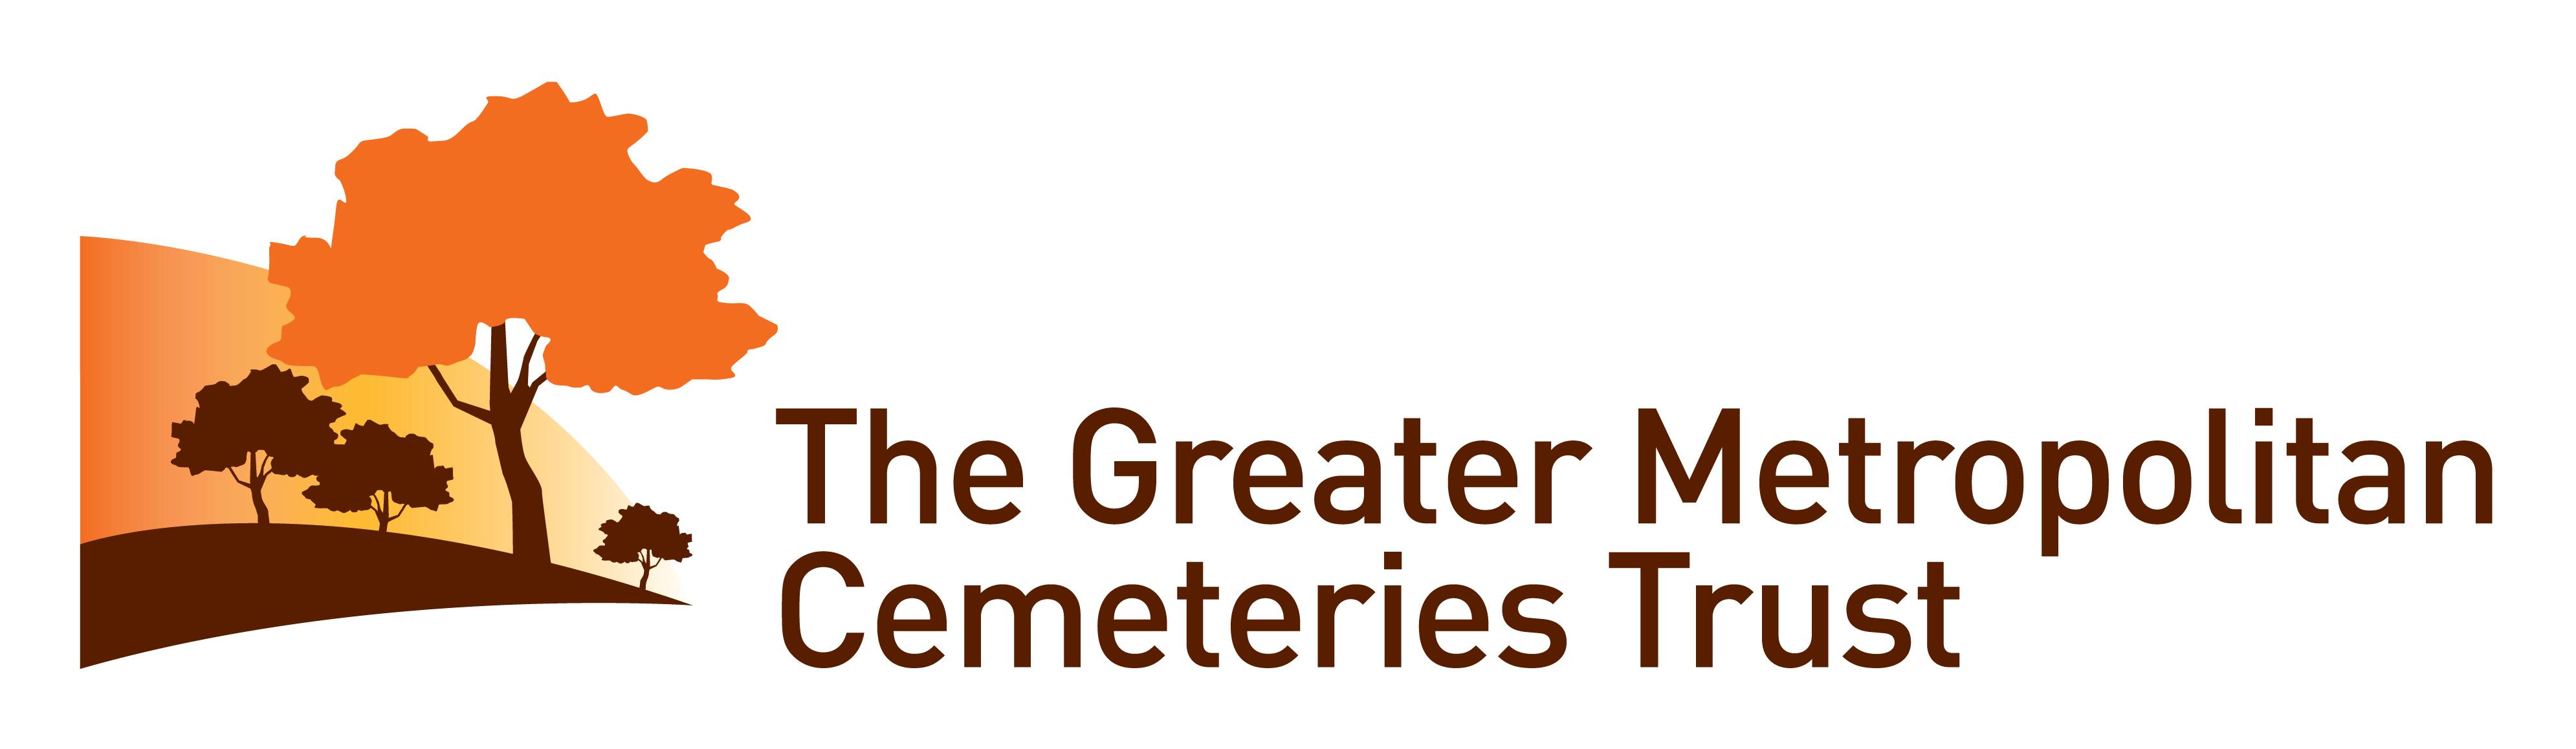 GMCT logo